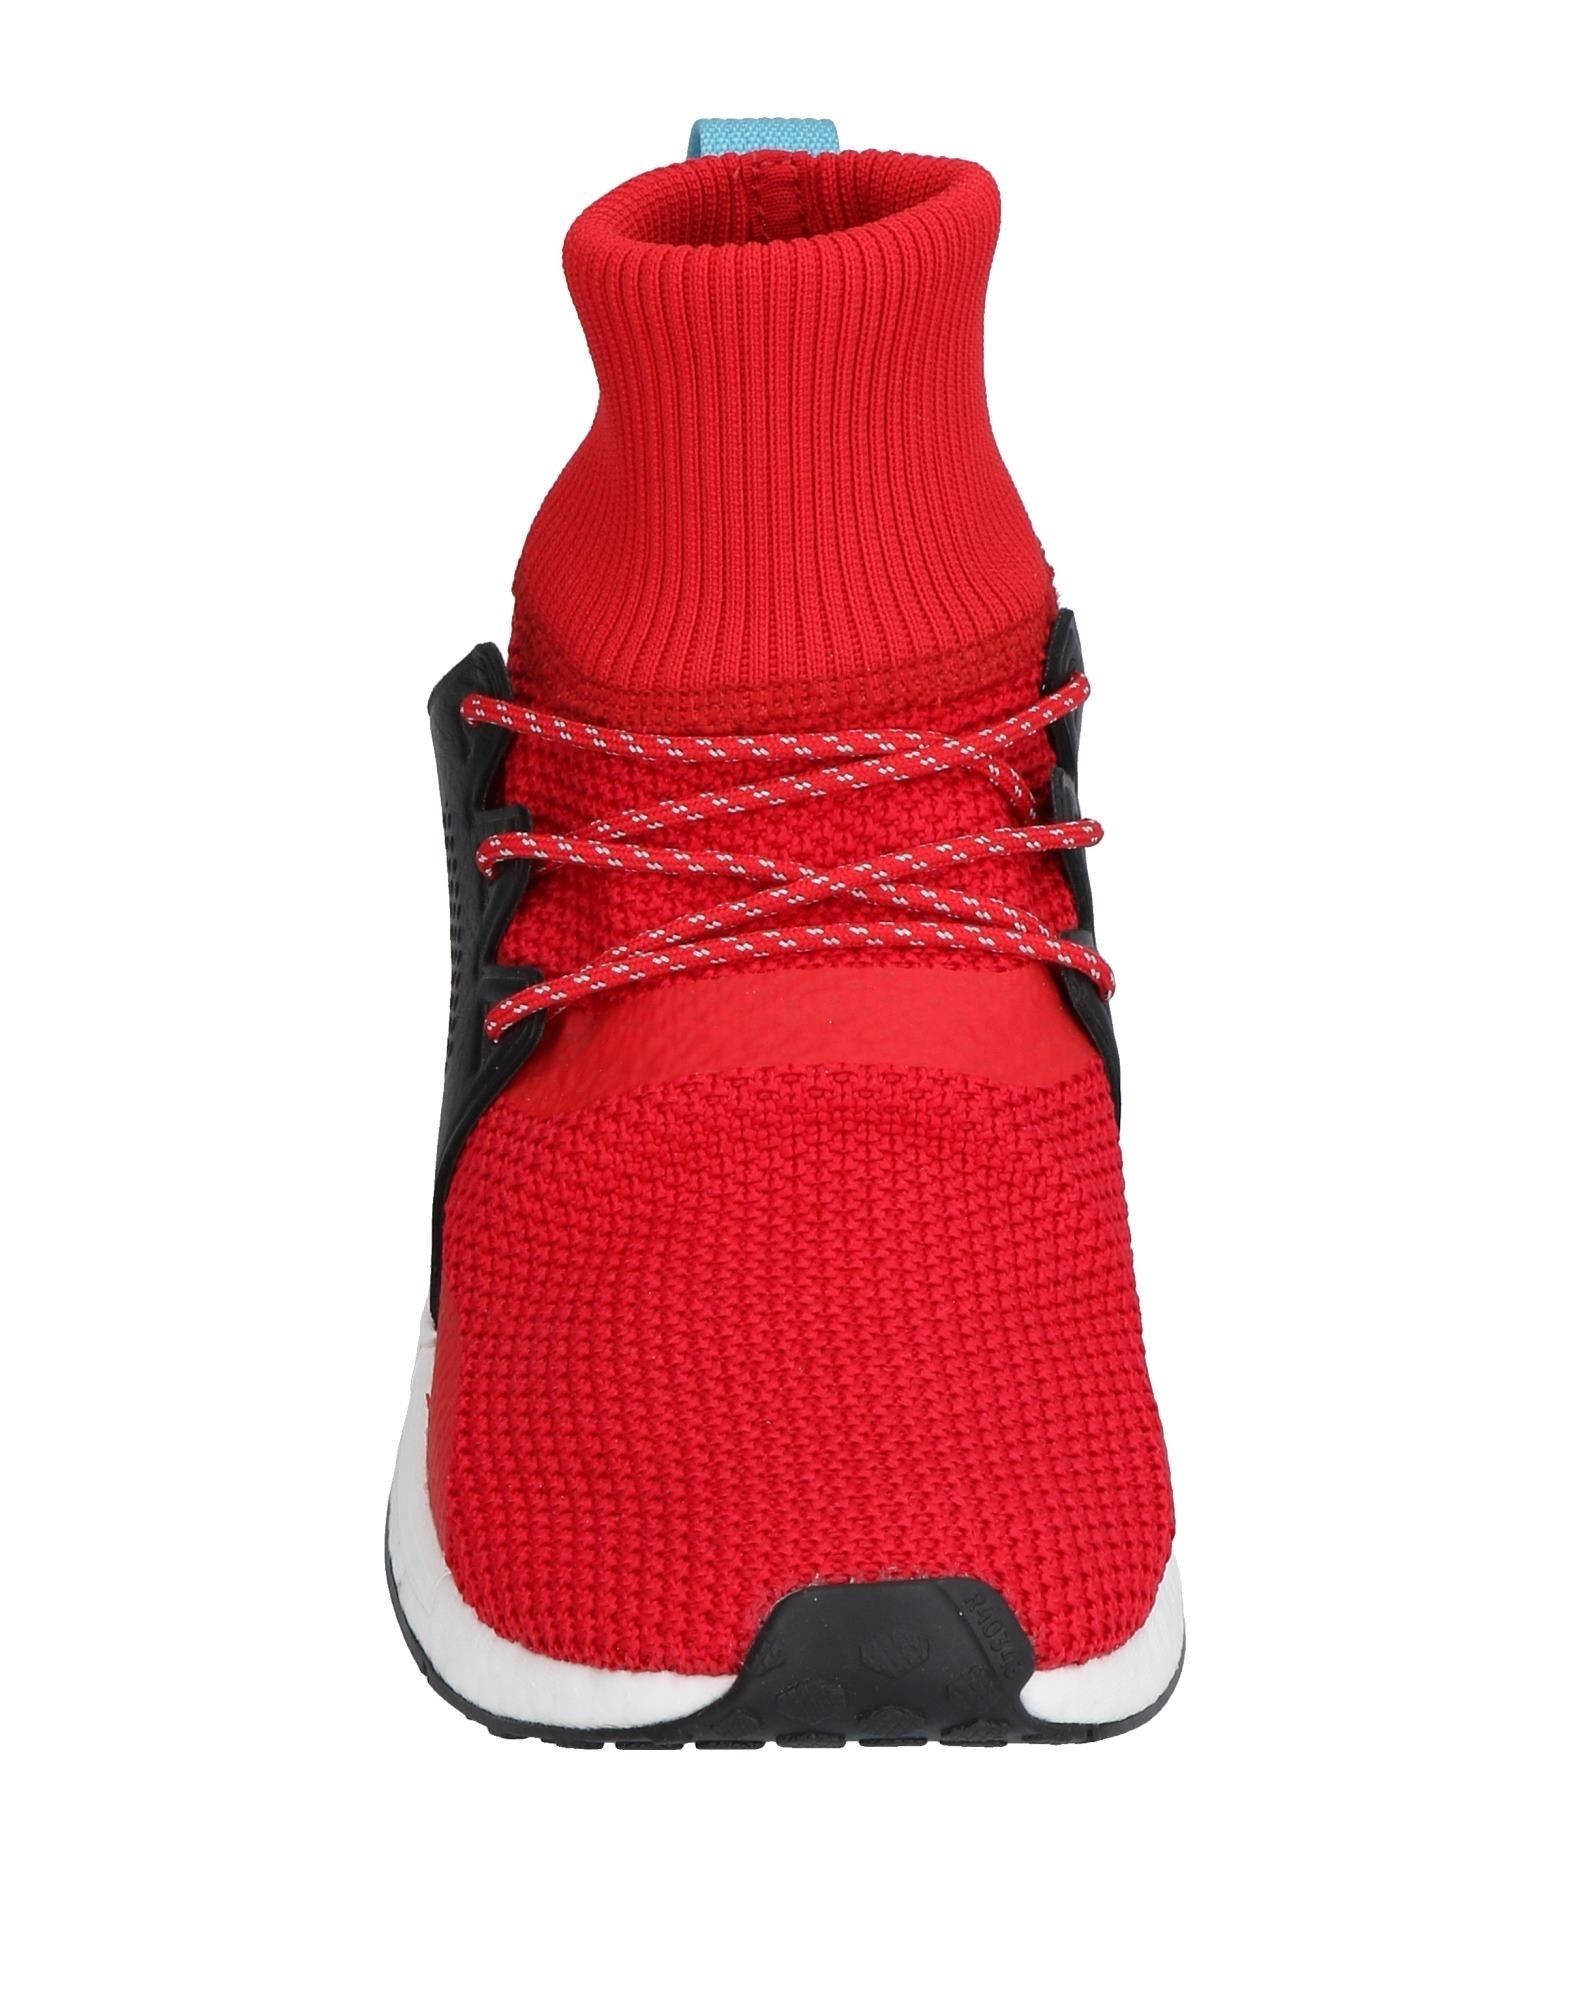 Rabatt echte Schuhe Herren Adidas Sneakers Herren Schuhe  11514366SB 4695e1